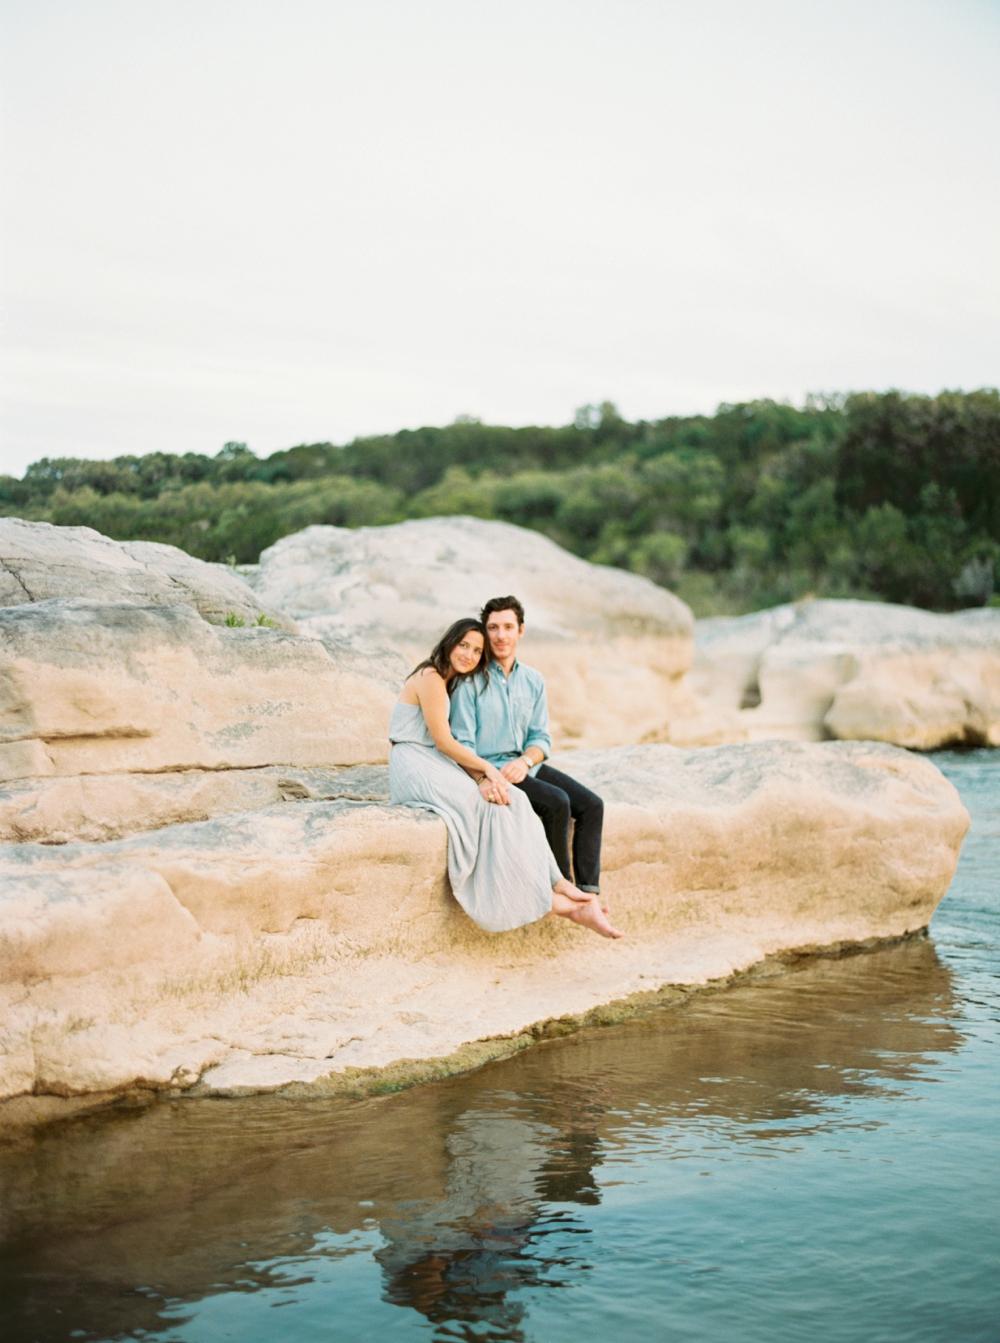 Hannah-Mayson-Austin-Engagement_0026.jpg